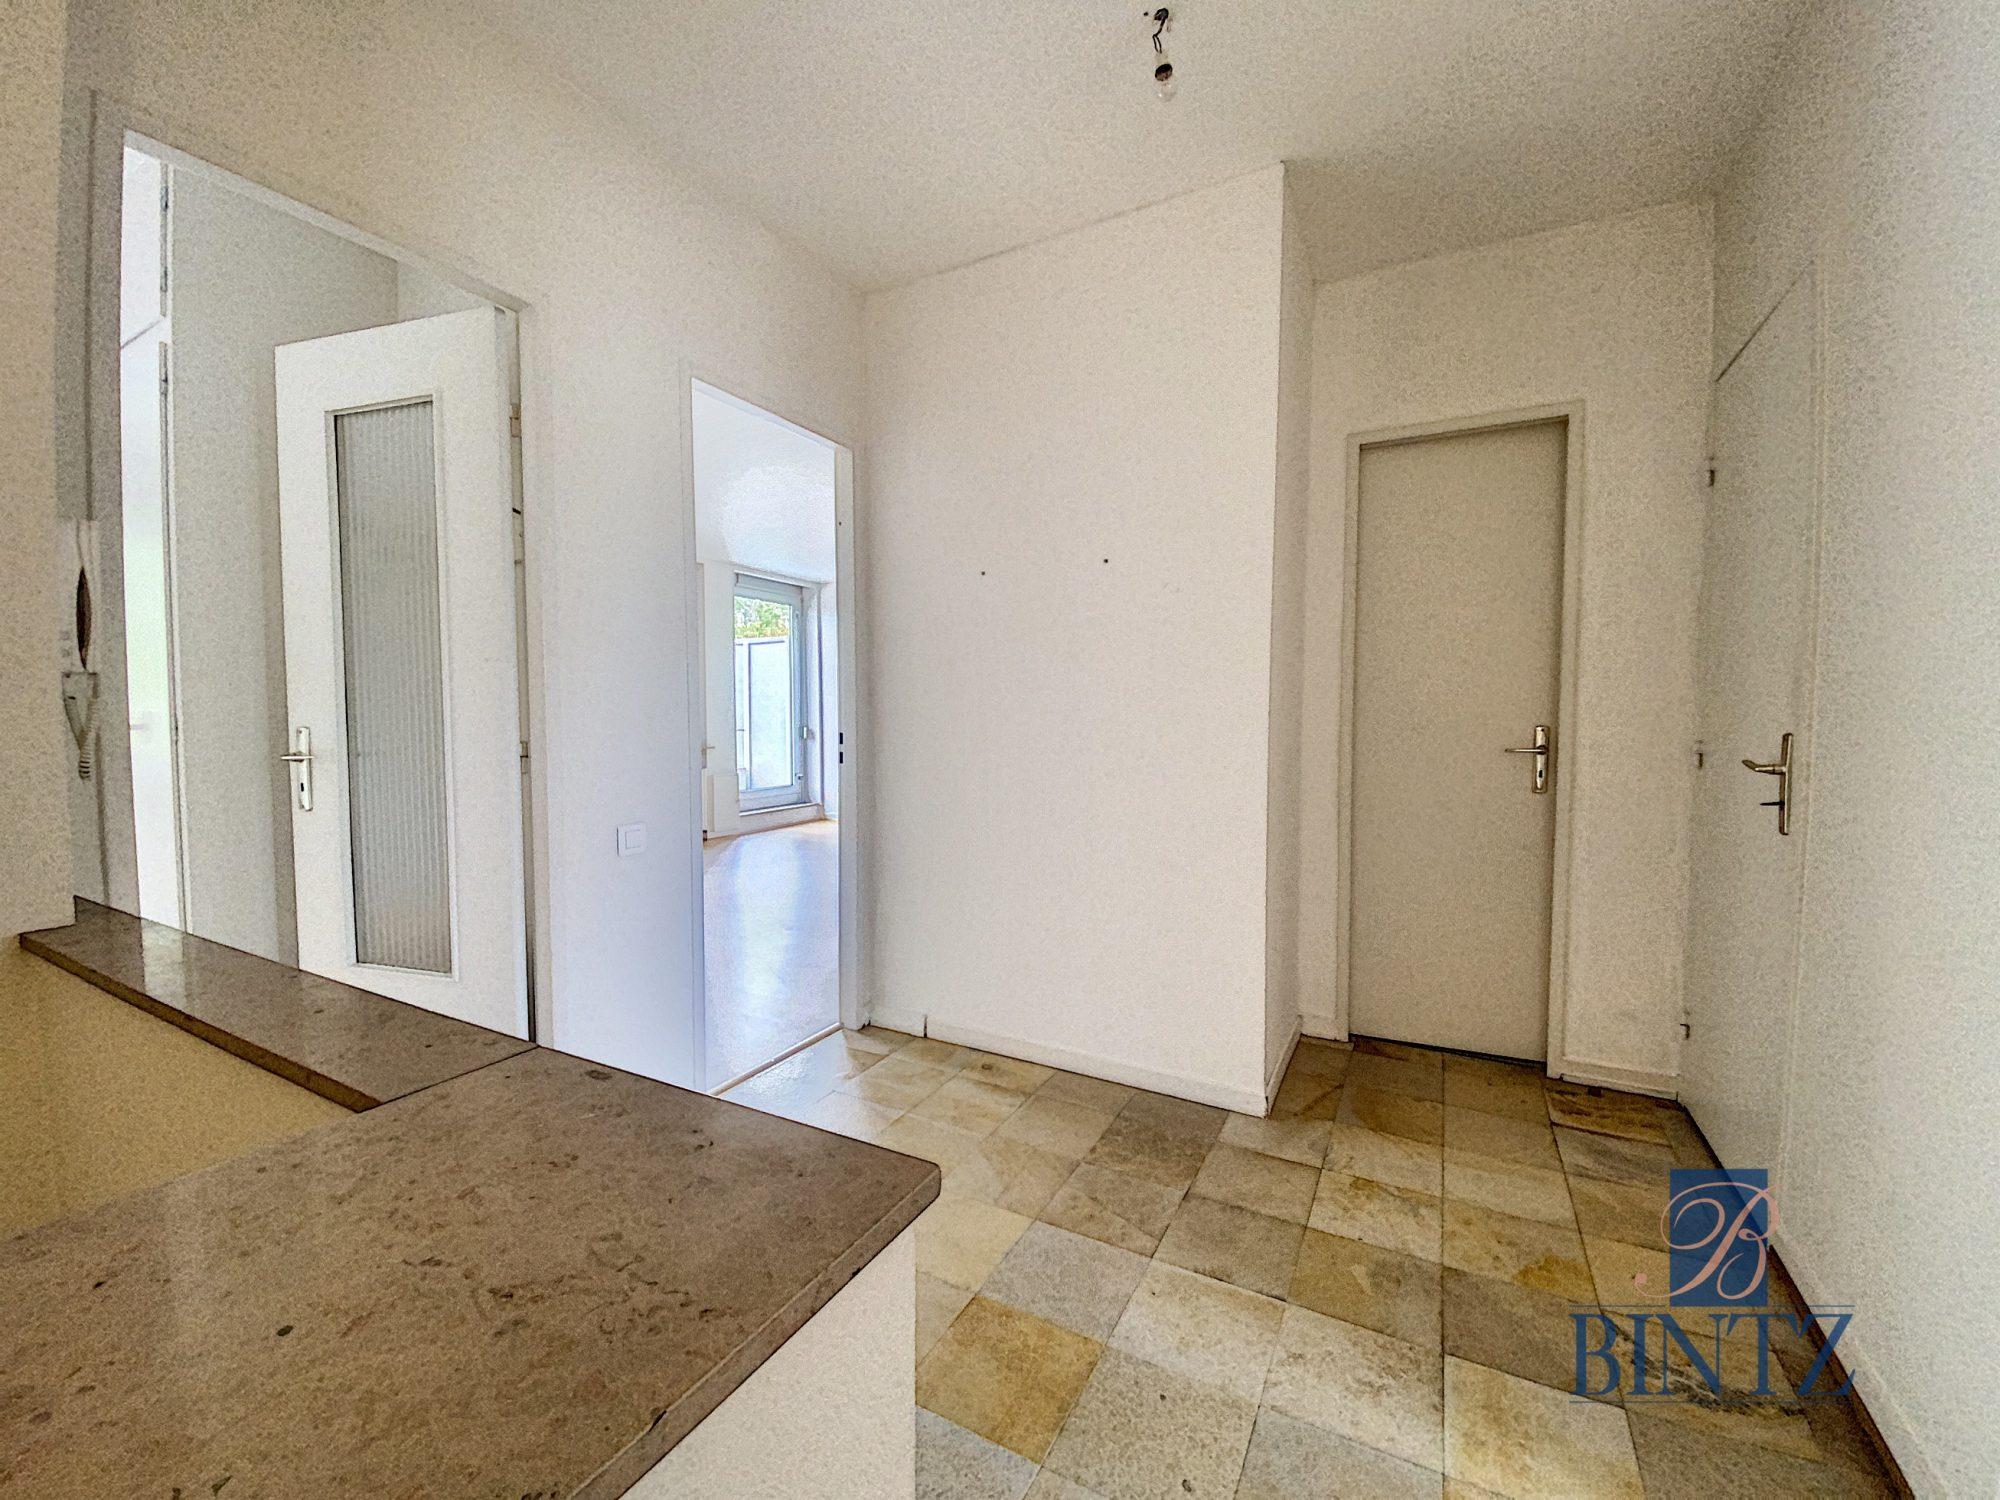 5 PIÈCES QUARTIER CONTADES - Devenez locataire en toute sérénité - Bintz Immobilier - 10